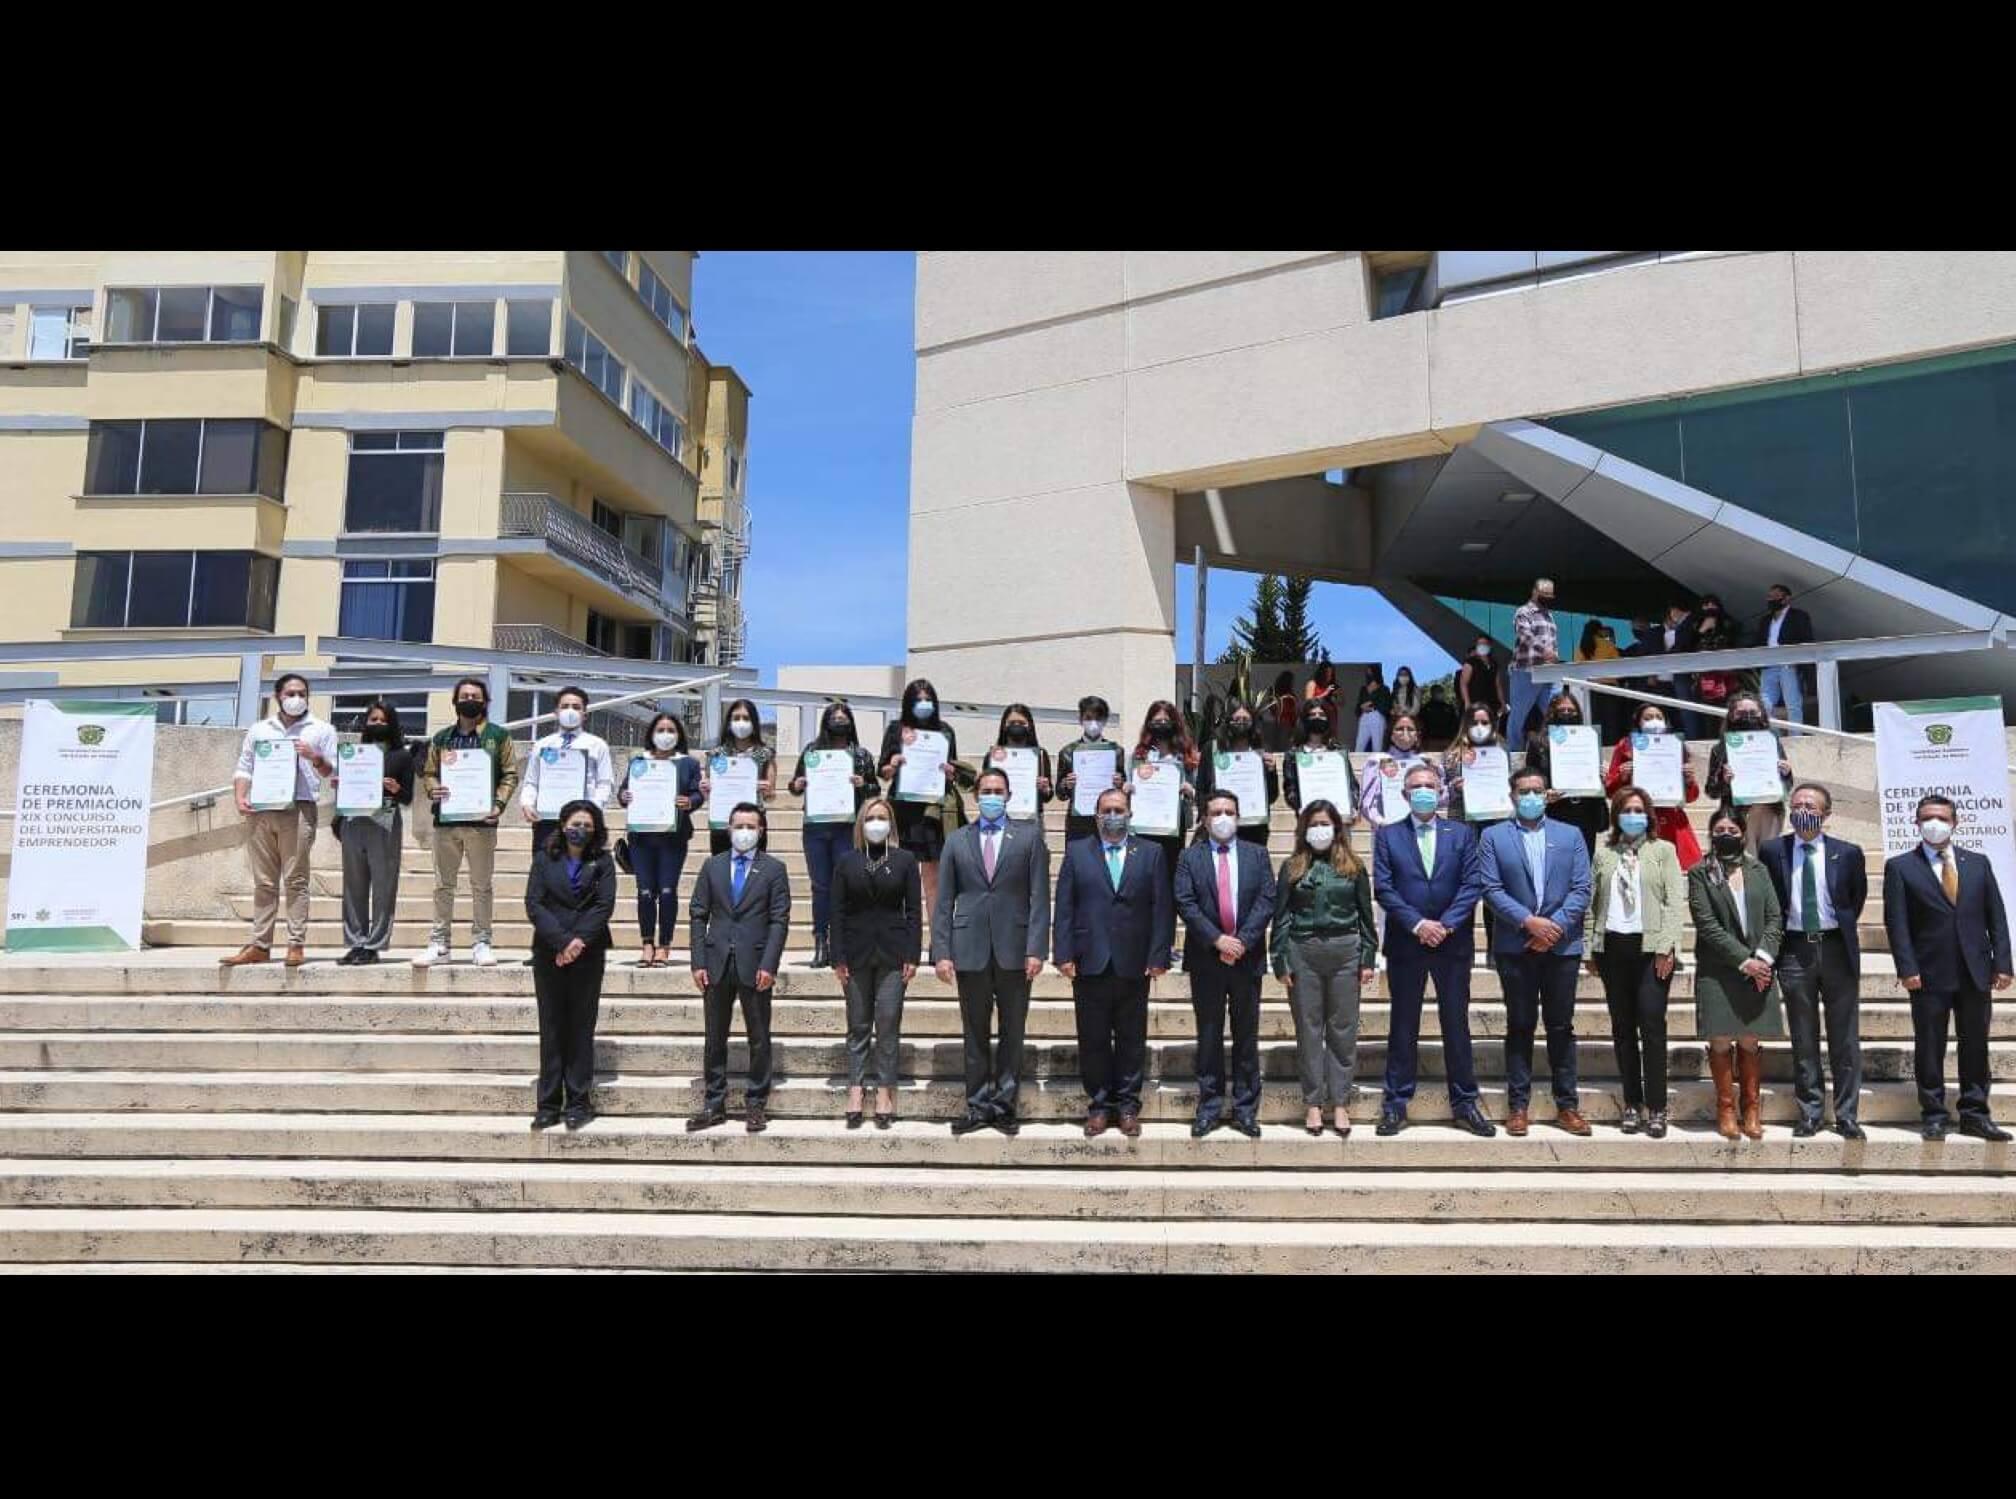 Detona comunidad UAEM proyectos de impacto social